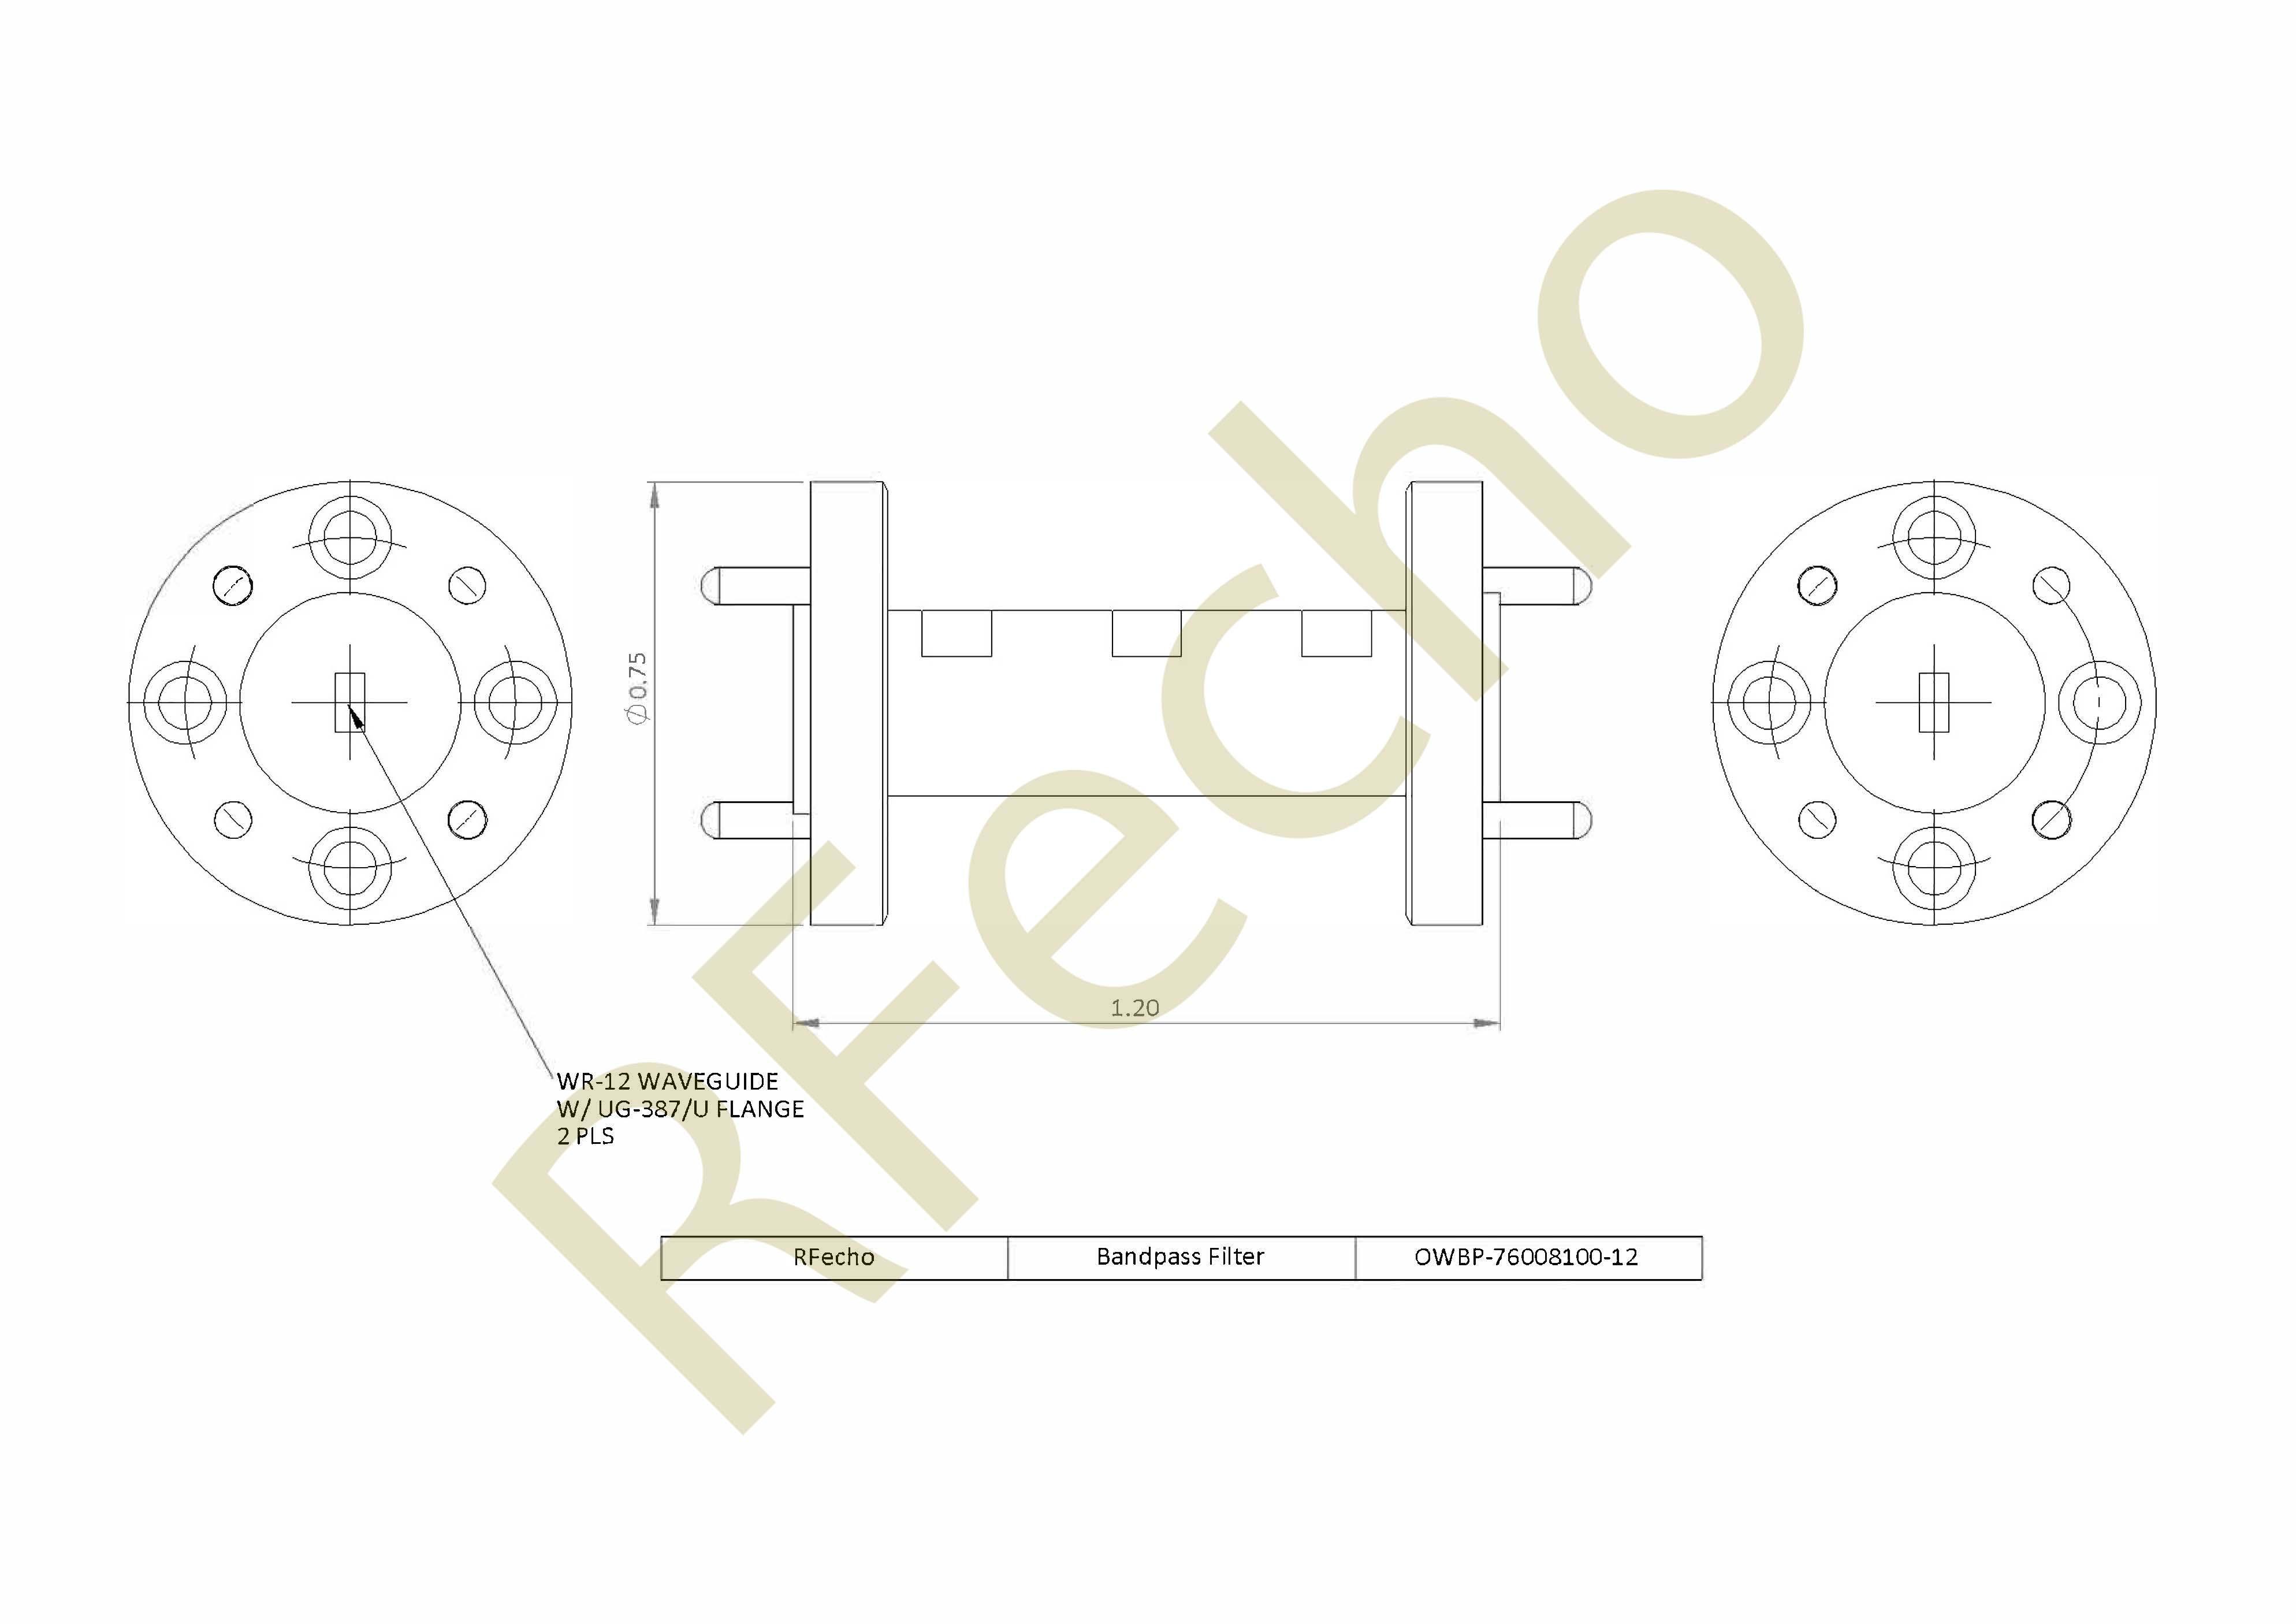 RF Filter Bandpass OWBP-76008100-12